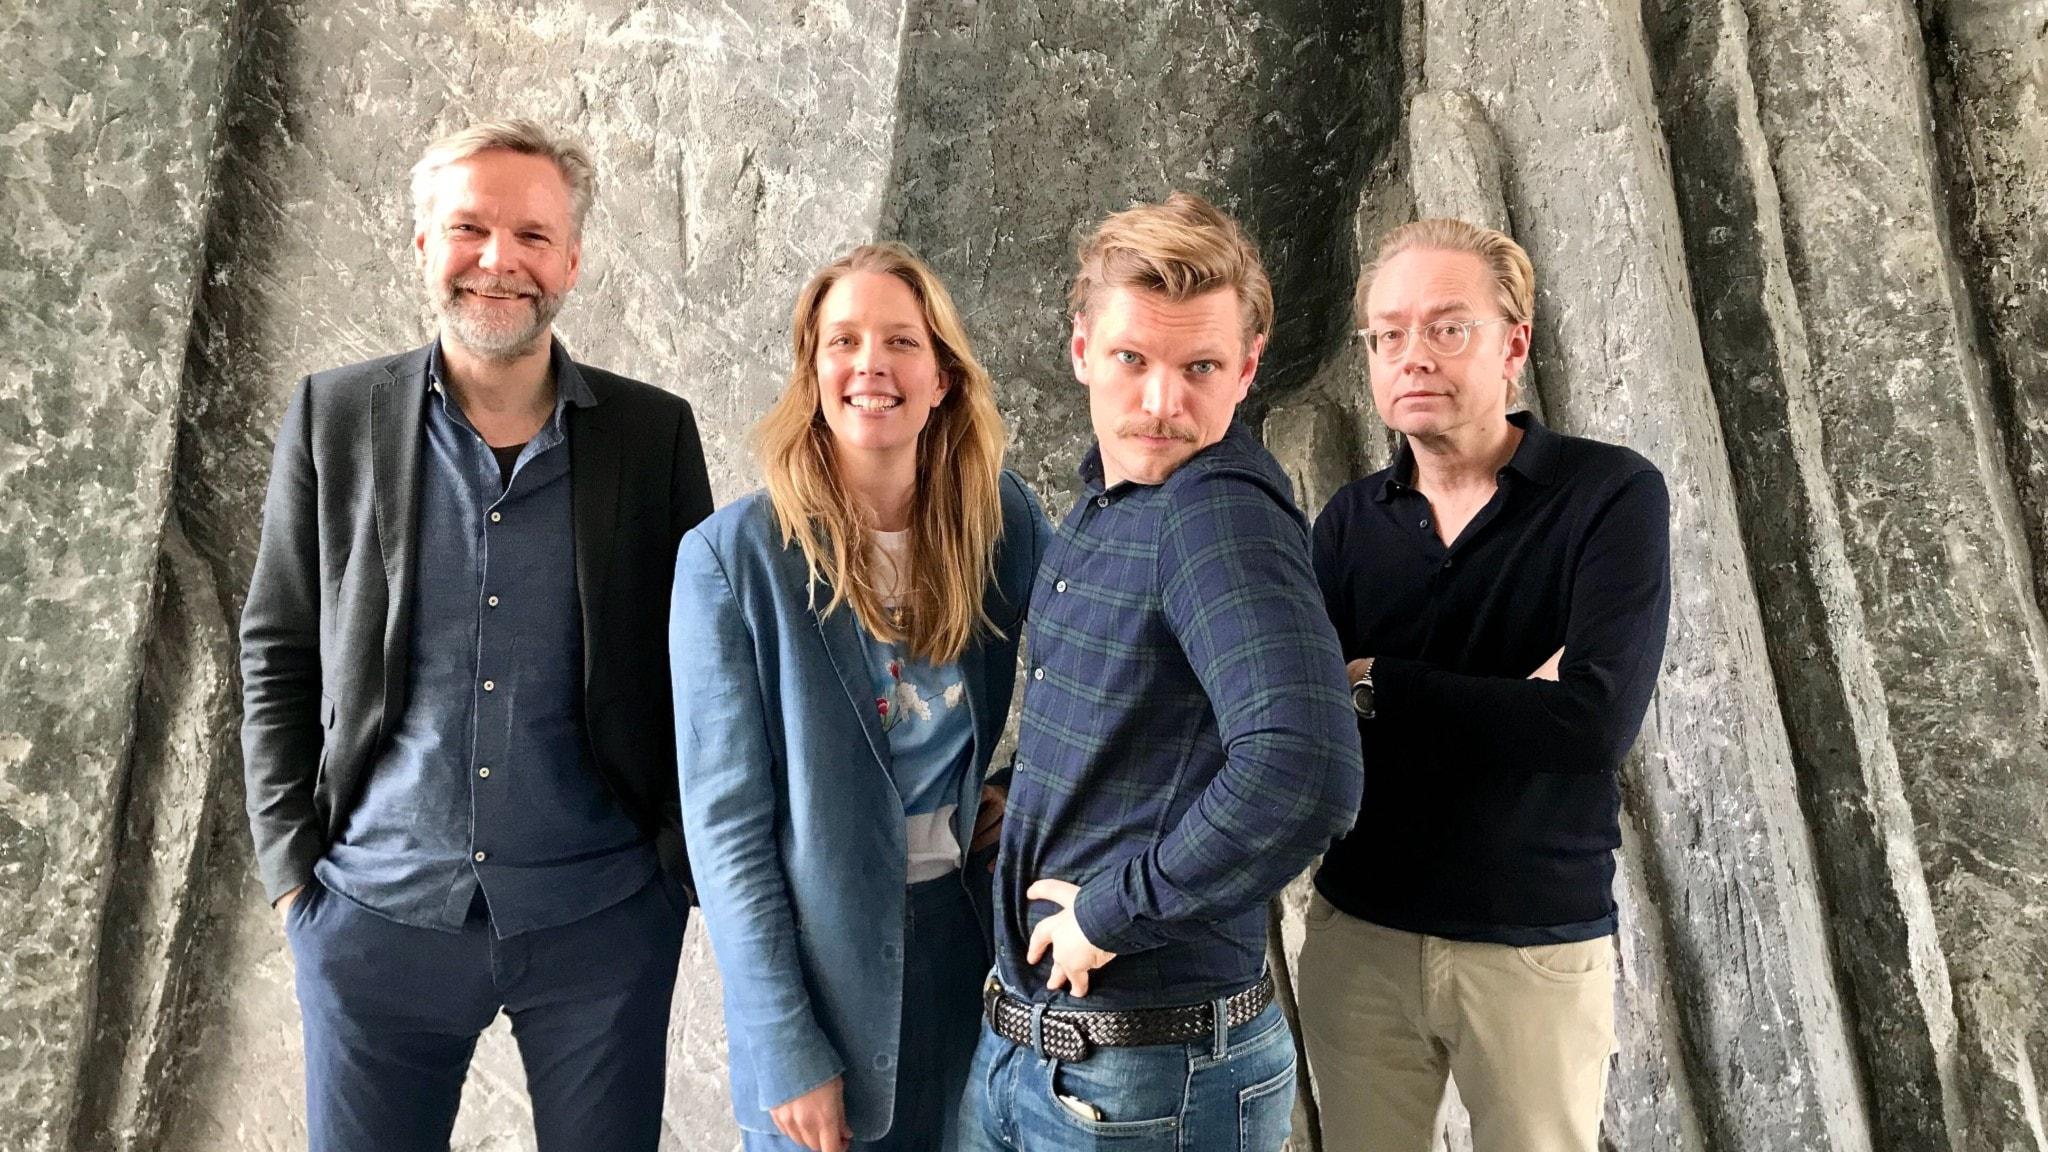 Tomas Ramberg, Annie Reuterskiöld, Henrik Torehammar och Fredrik Furtenbach.